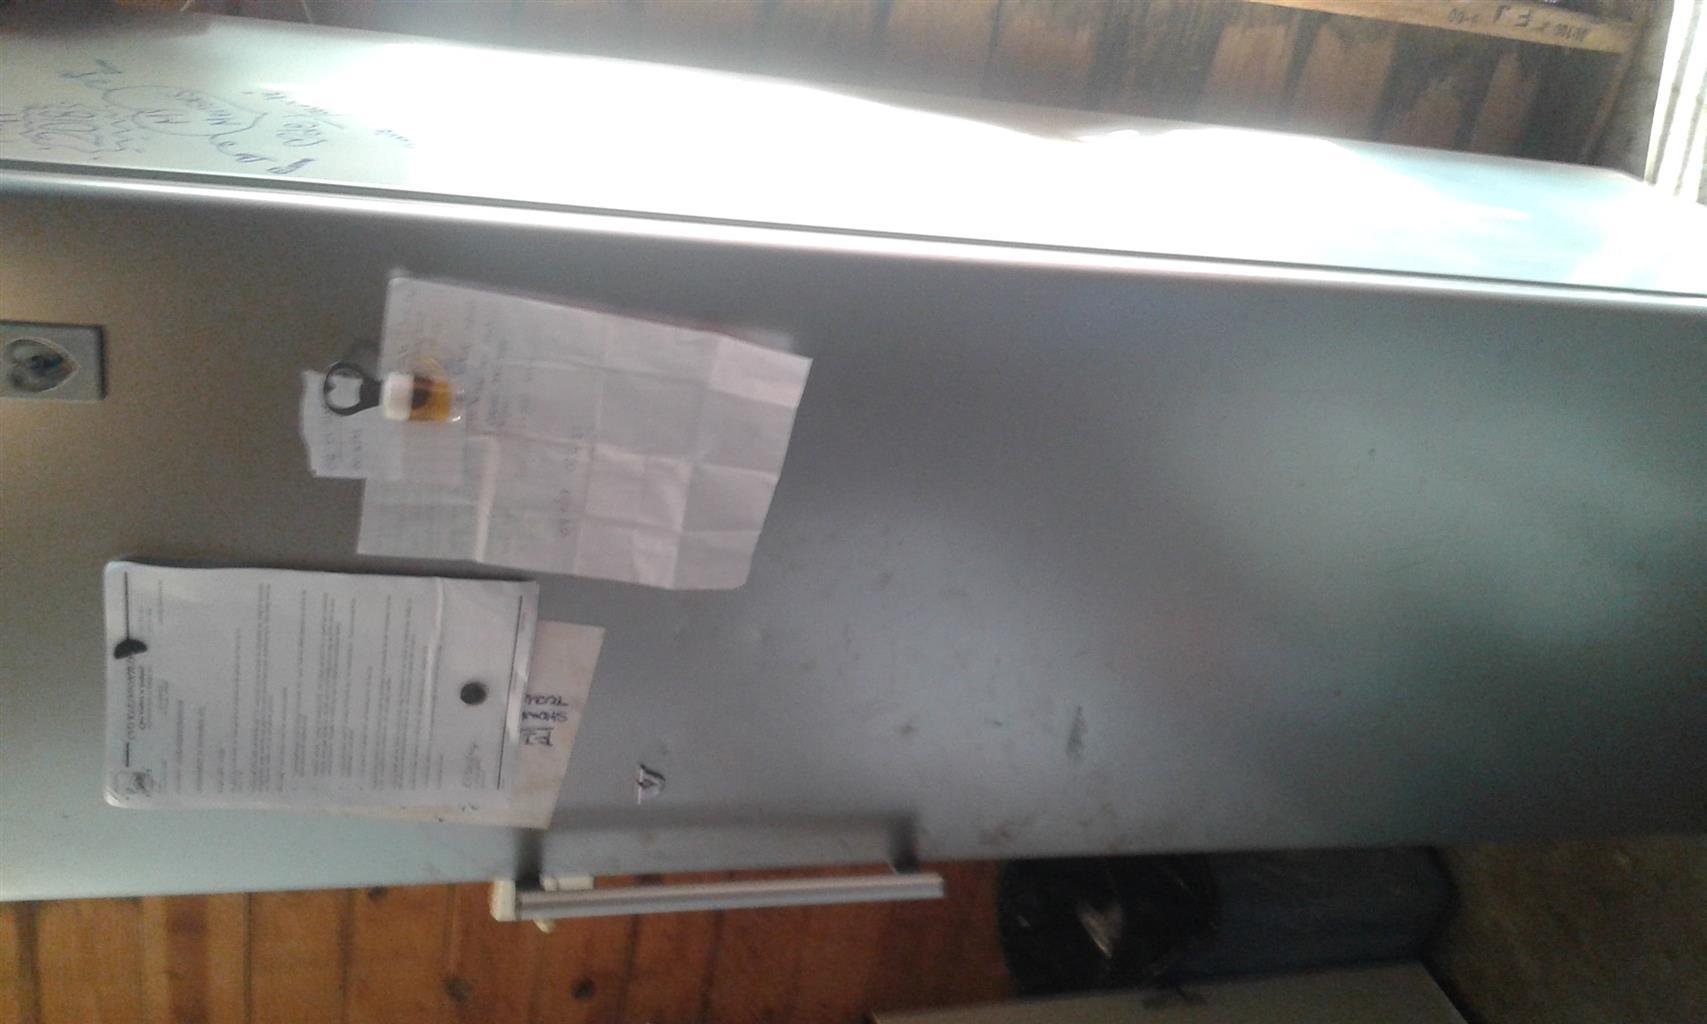 Defy Larder L350 freezer